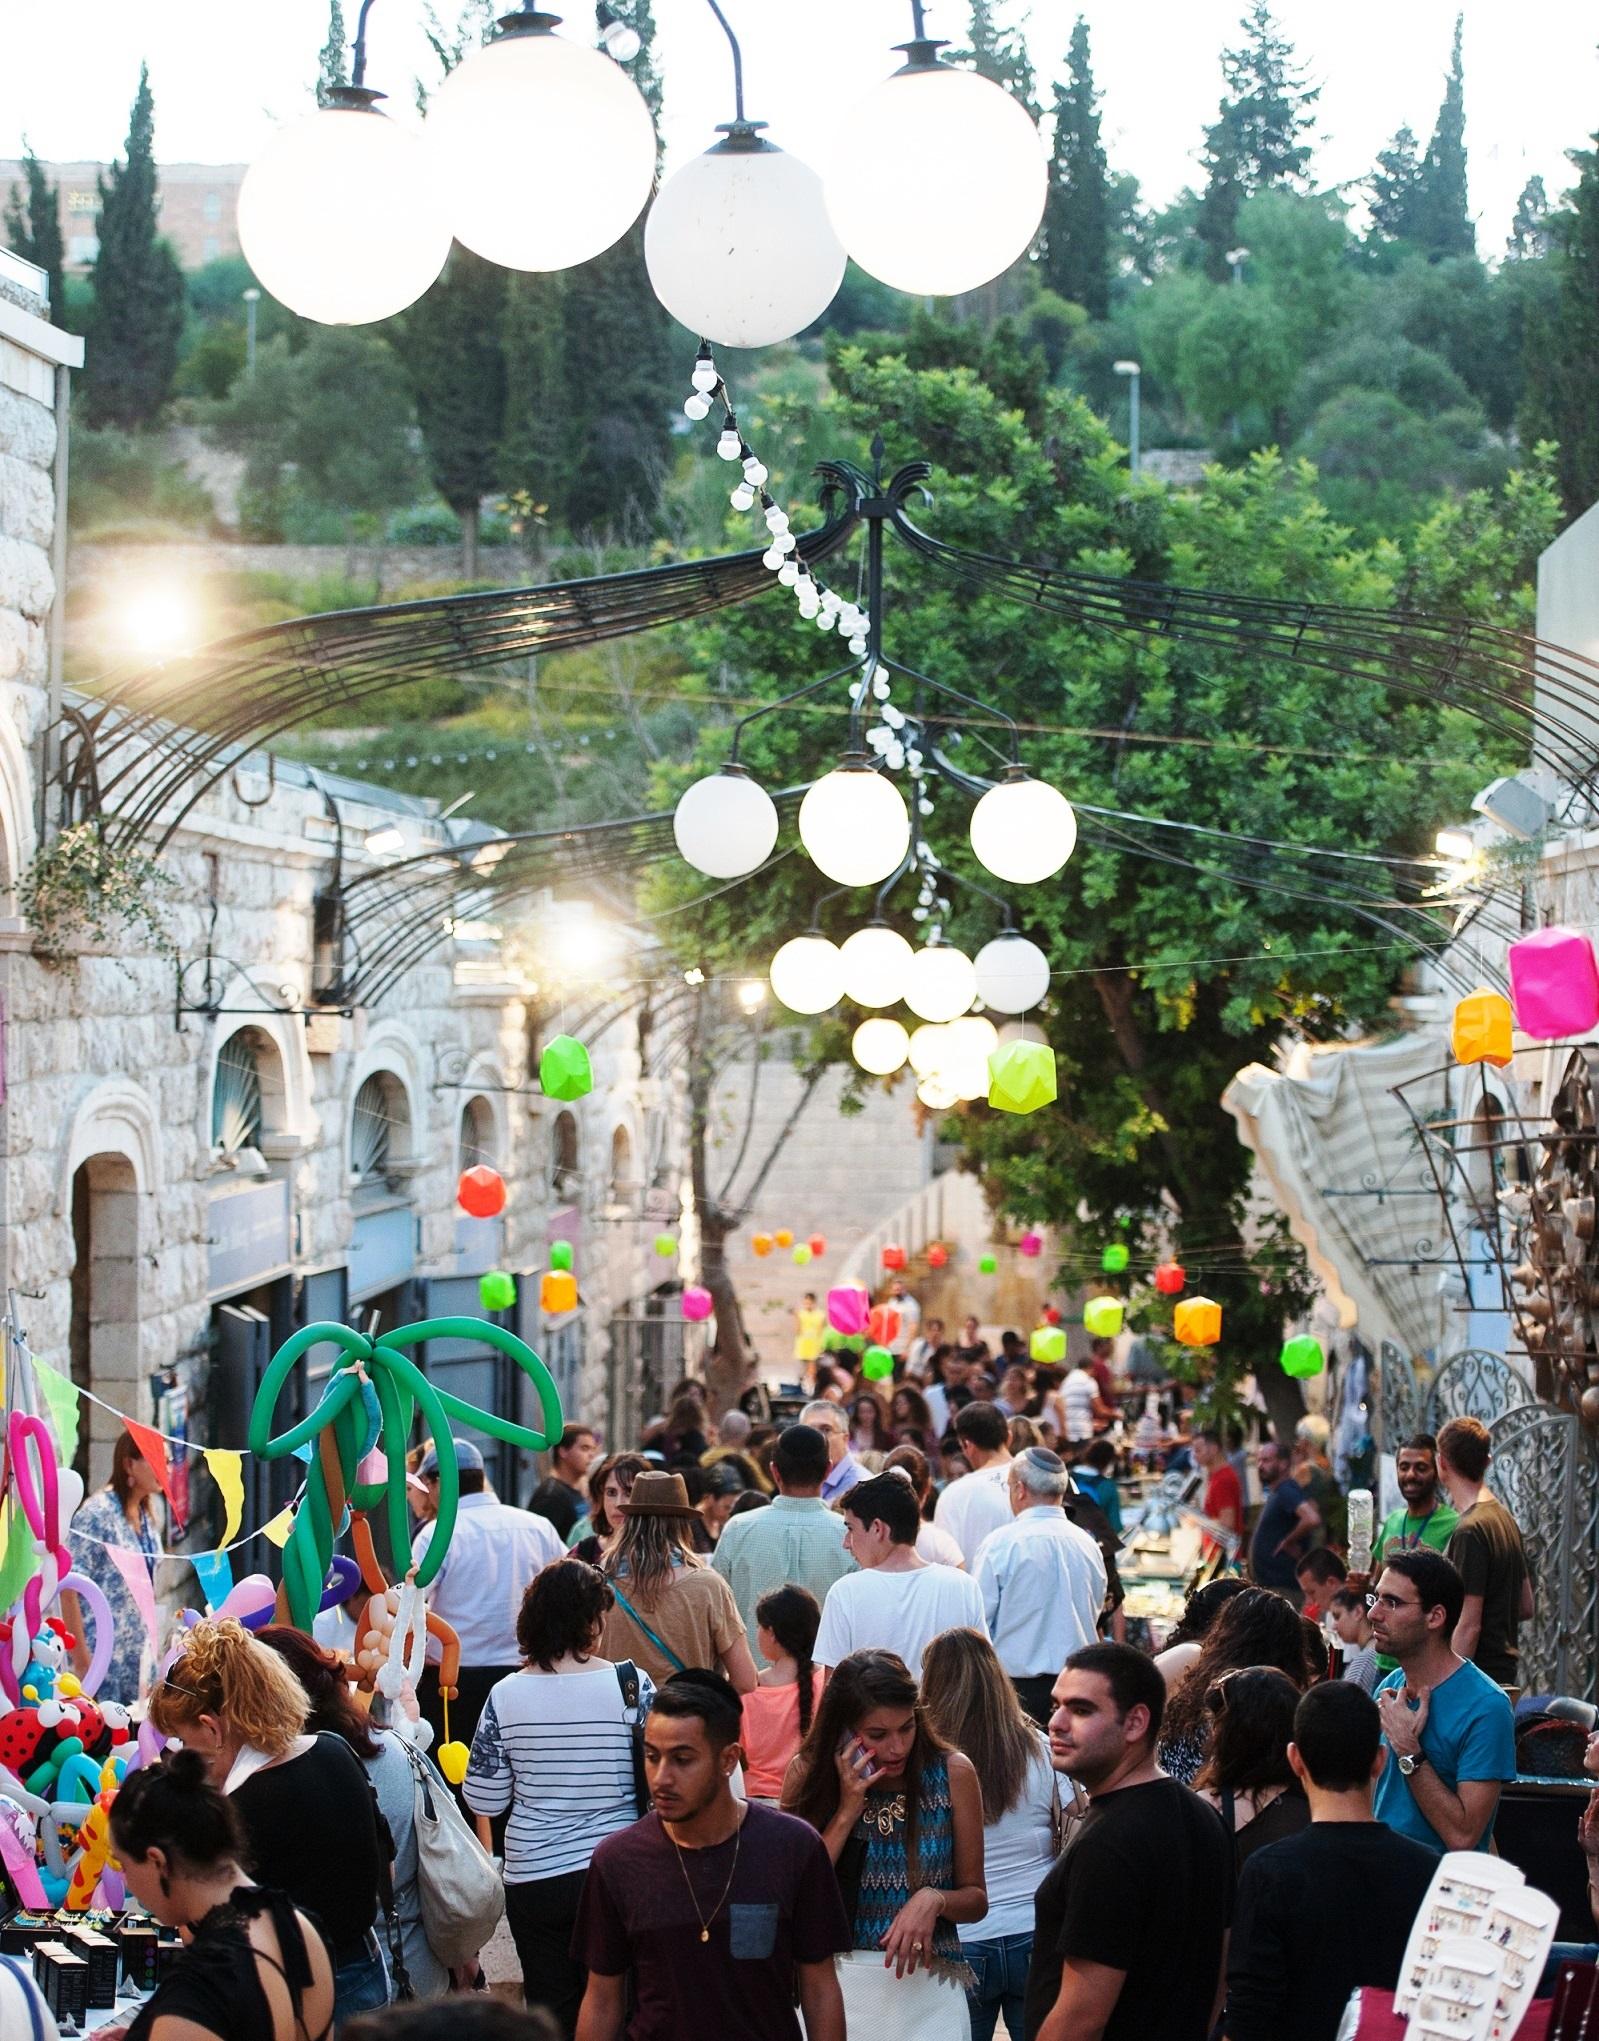 פסטיבל חוצות היוצר. צילום שמואל כהן